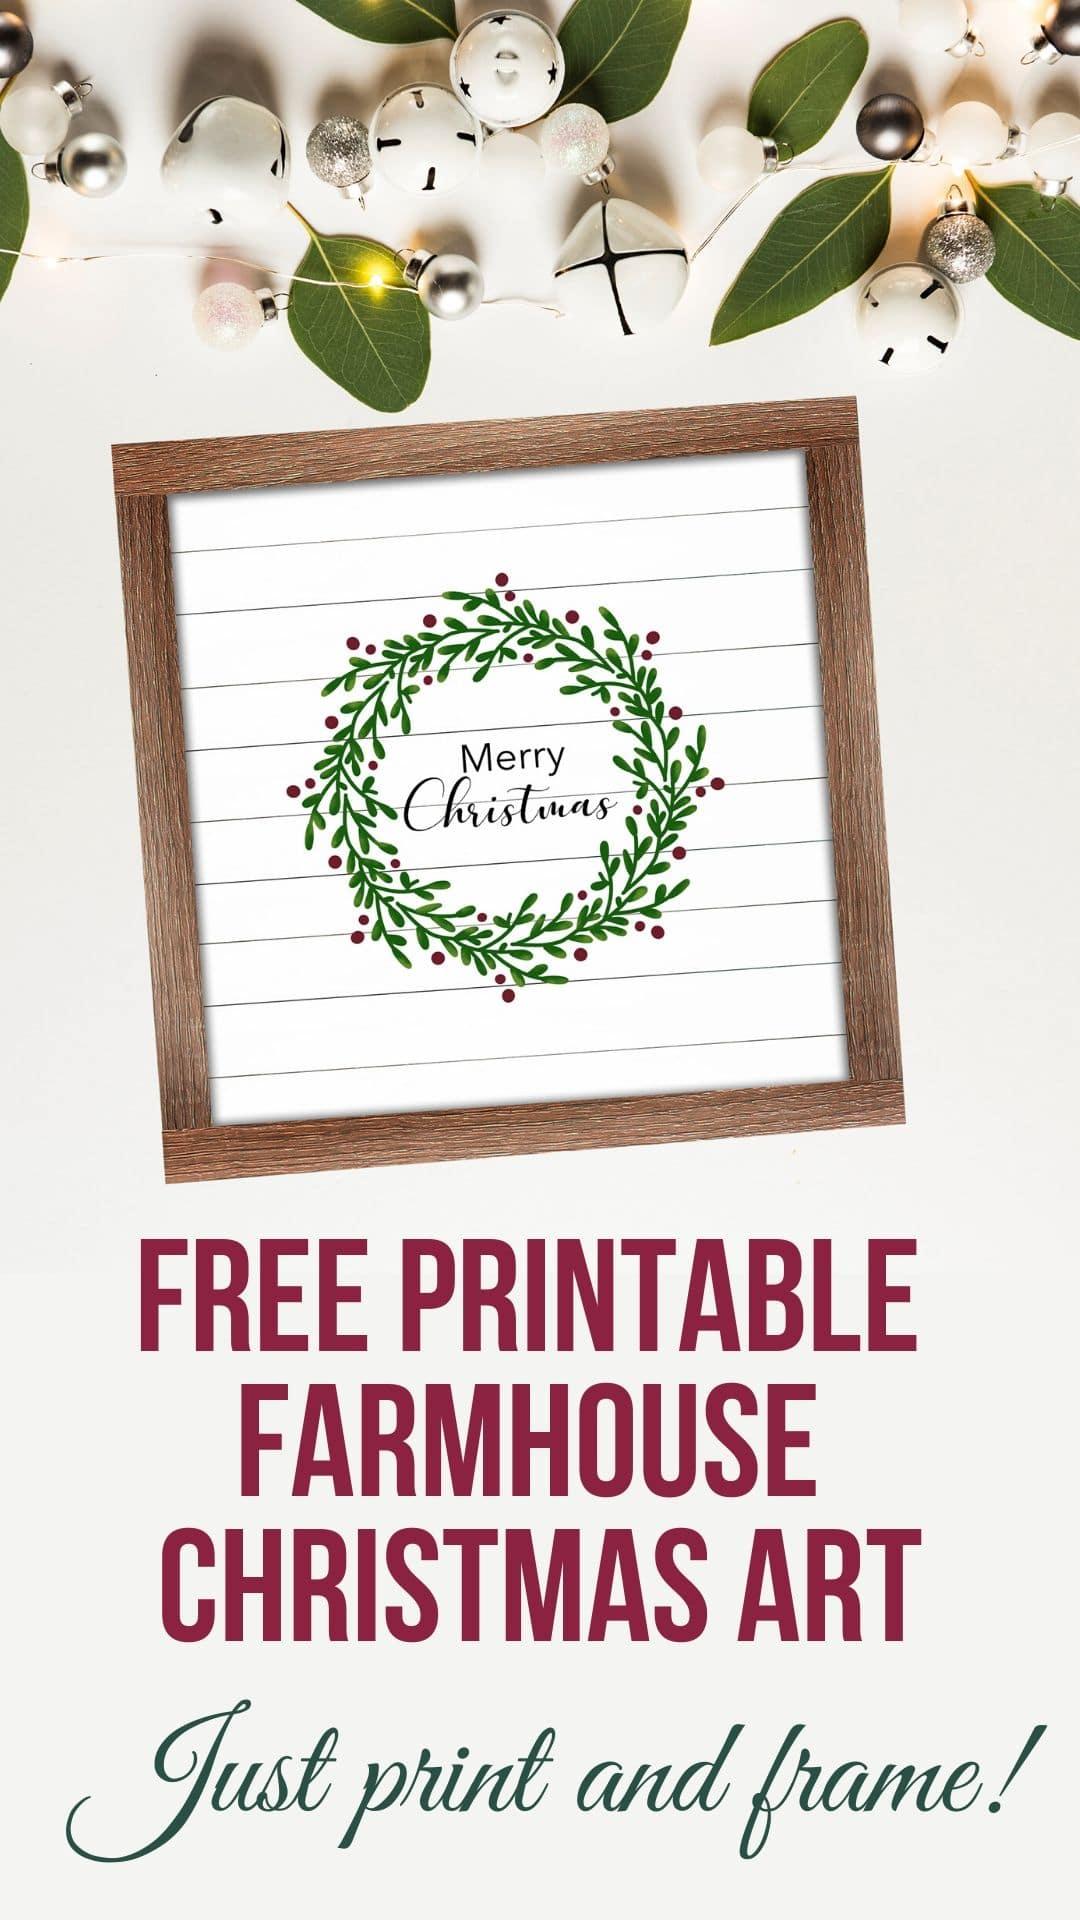 Free Printable Farmhouse Christmas Art via @brookeberry